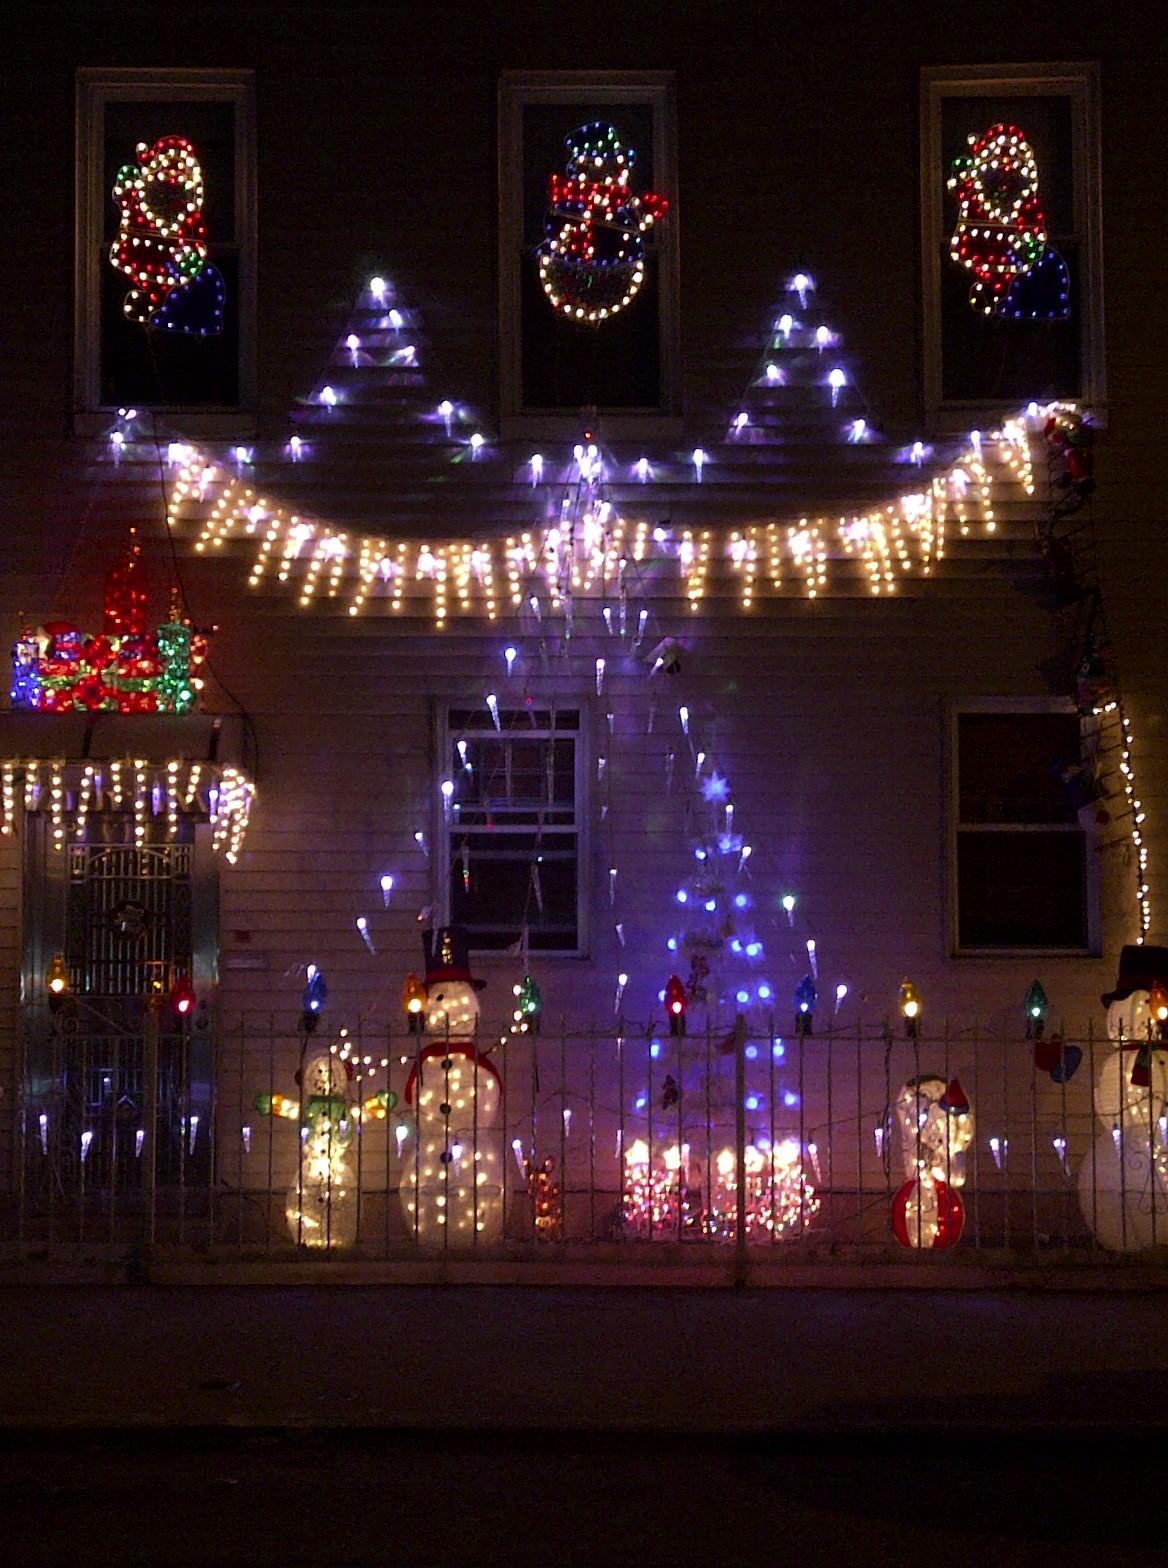 Mas decoraciones de navidad en nueva york de oriente a occidente - Decoraciones para navidad ...